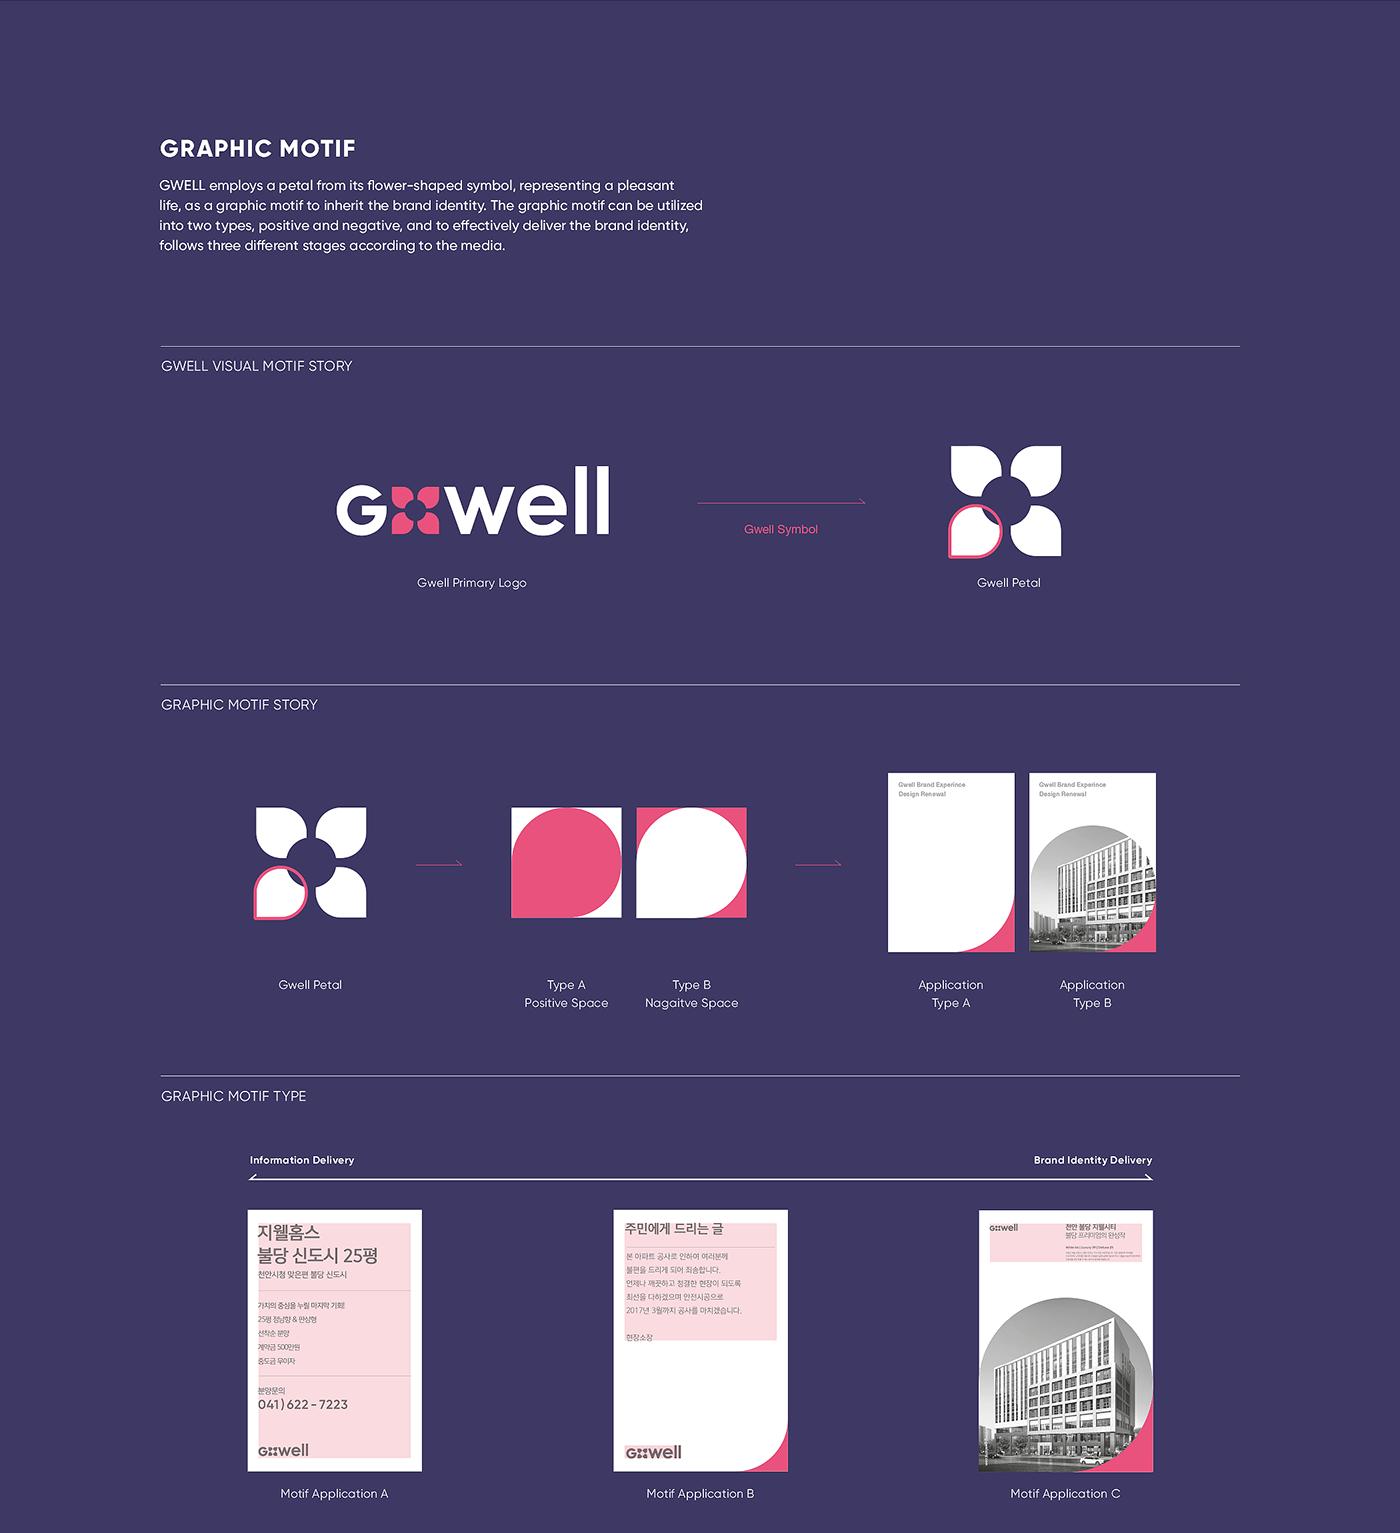 GWELL房地产品牌升级 欣赏-第5张